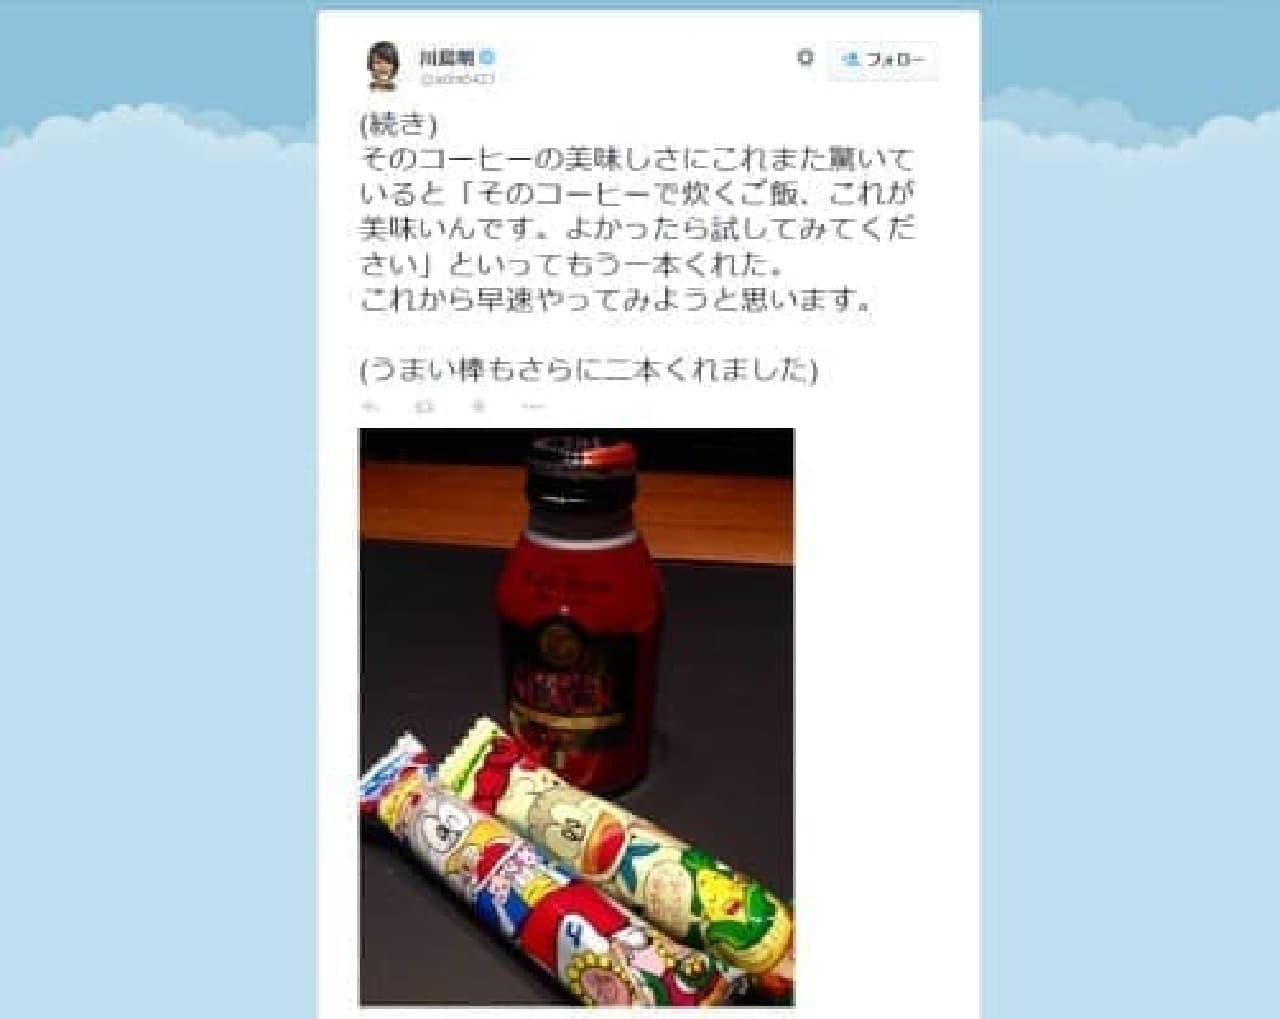 運転手さんにもらったという、缶コーヒーとうまい棒  ※画像は川島さんの Twitter 投稿画面